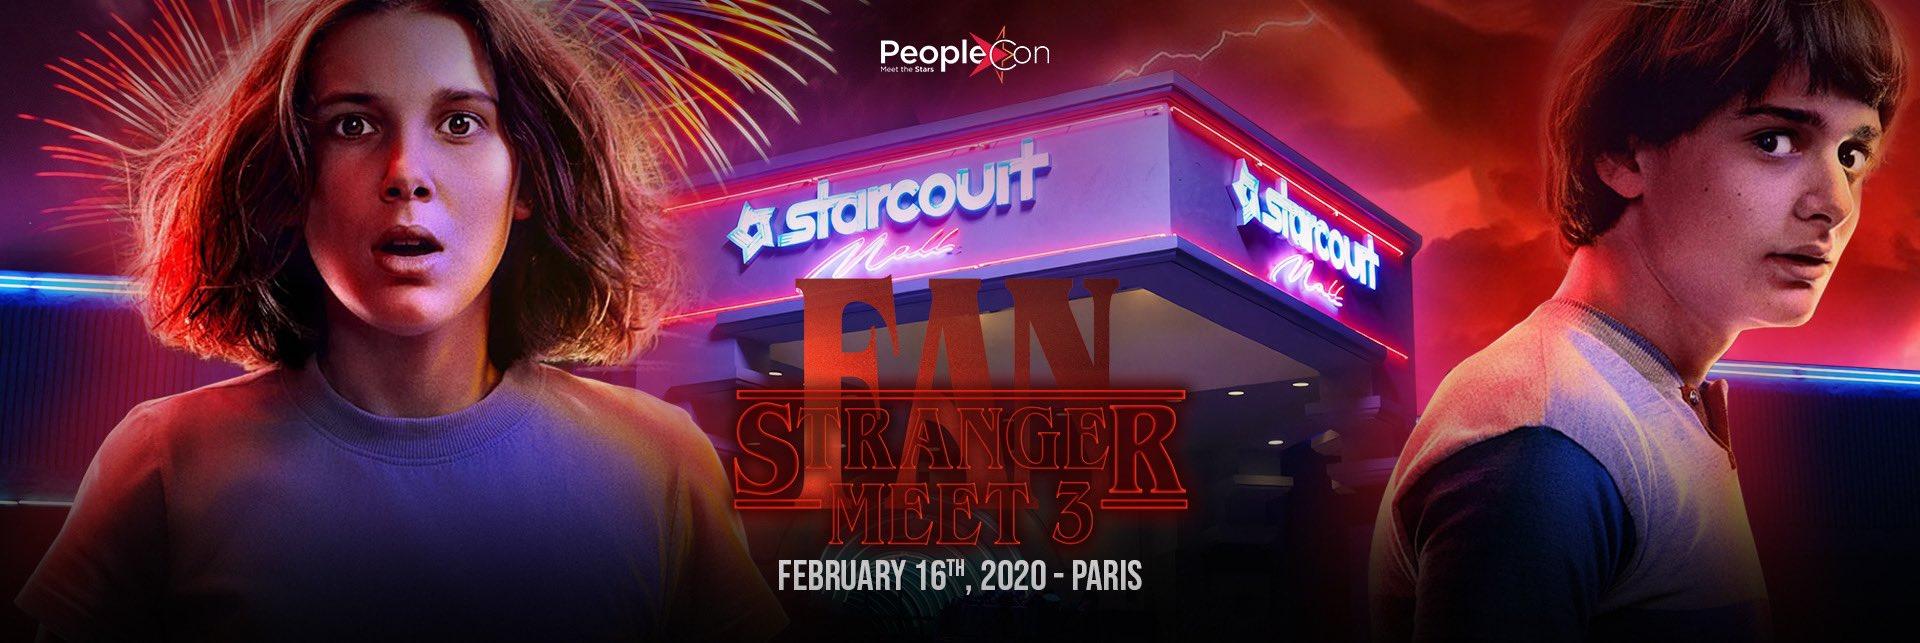 Stranger Fan Meet 3 : les questions que vous vous posez